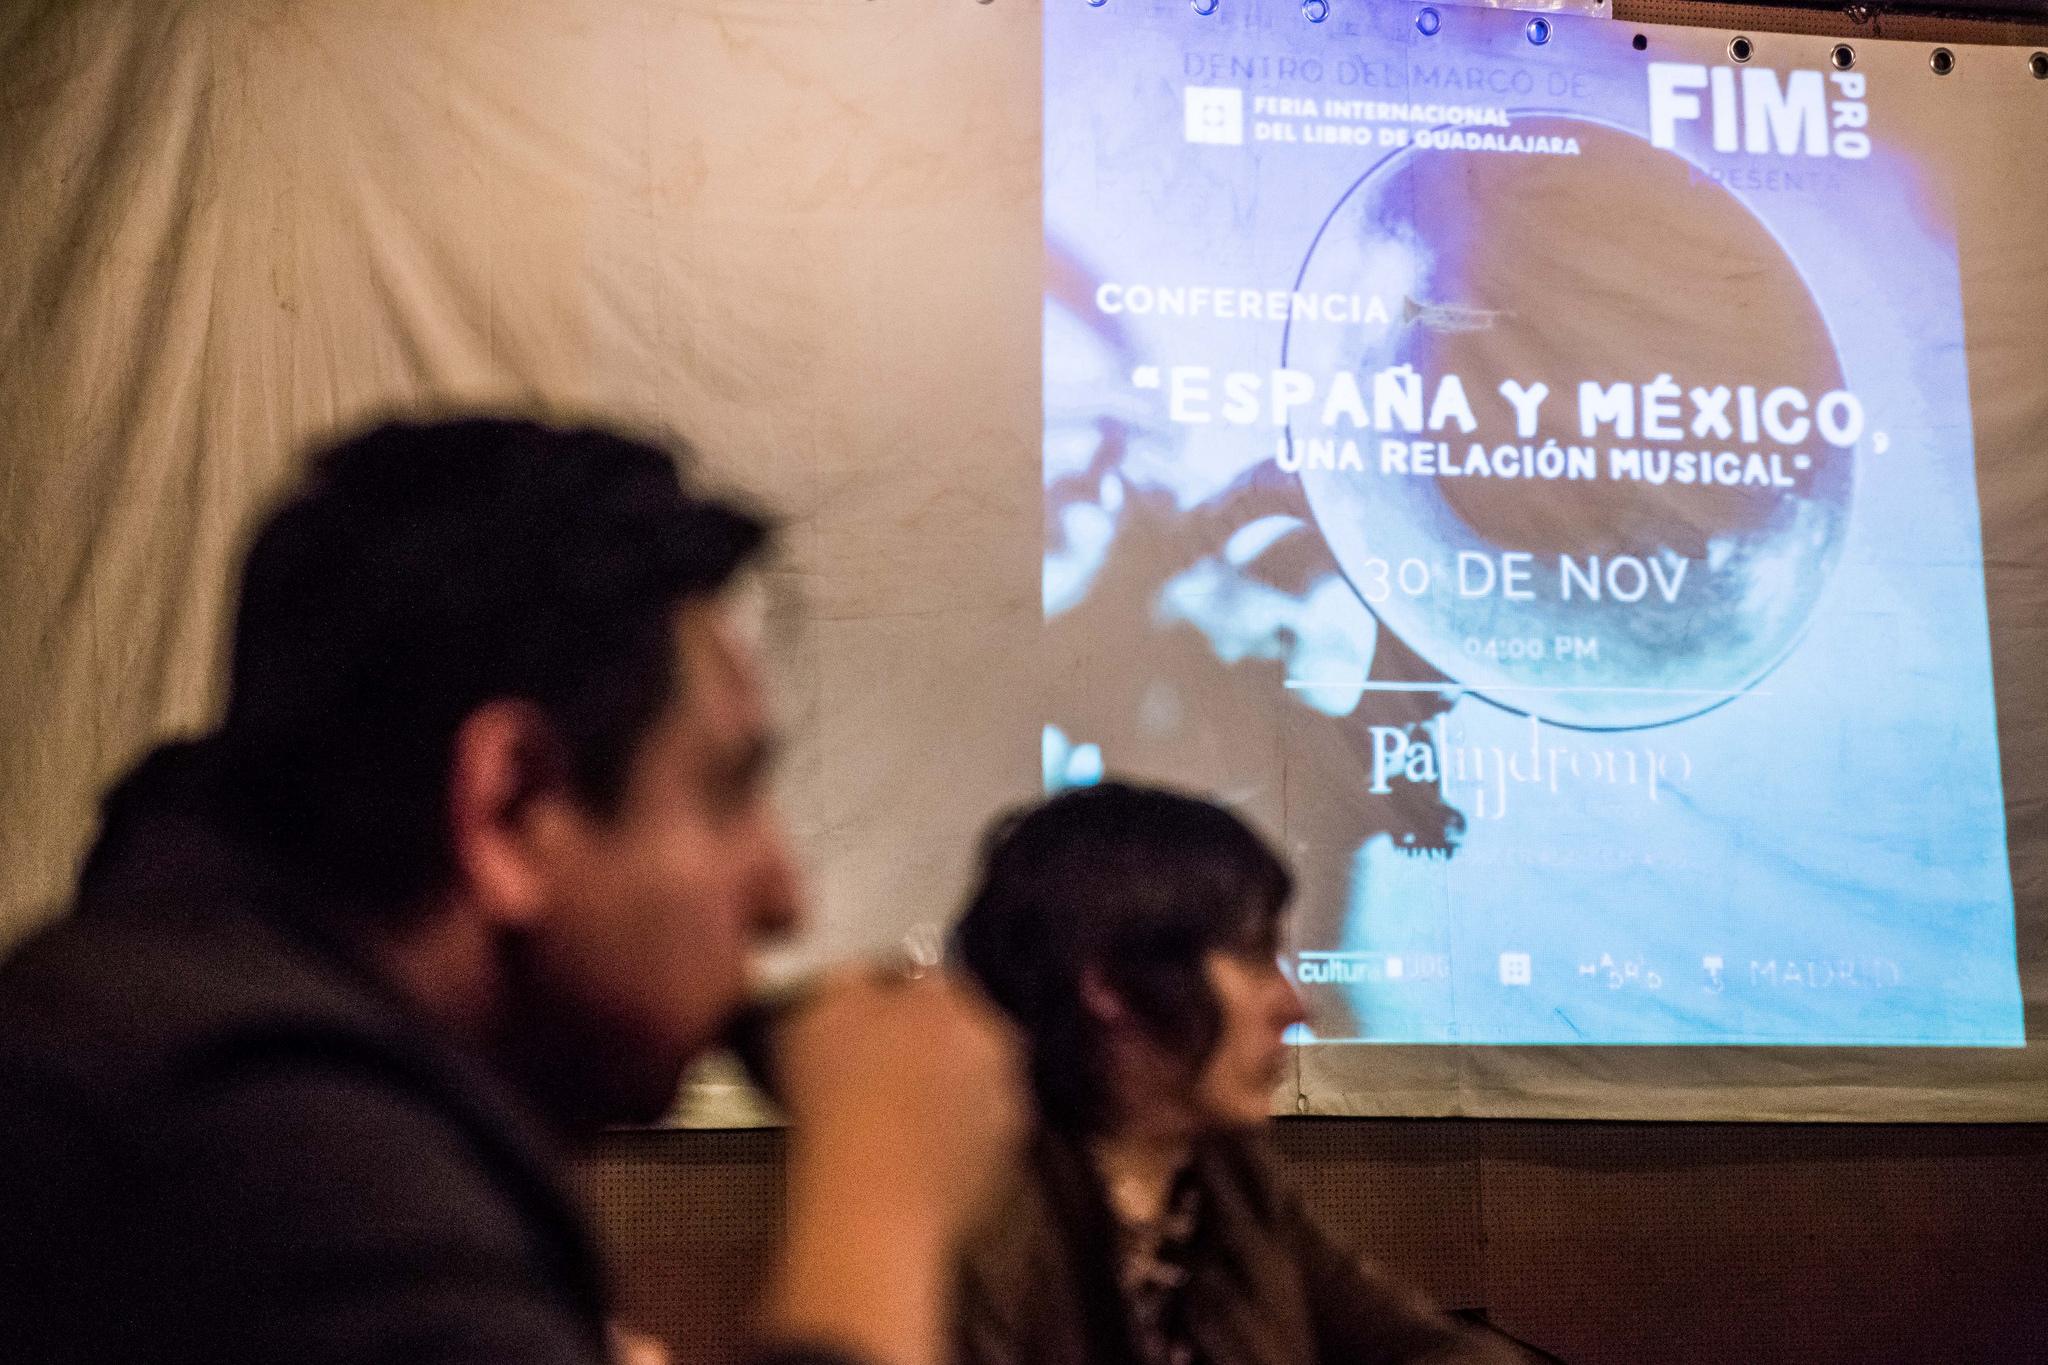 """Mesa de trabajo """"México y España, una relación musical"""", organizada por Cultura UDG, por medio de la Feria Internacional de la Música (FIMPRO) y en colaboración con Madrid, invitado de honor de la Feria Internacional del Libro de Guadalajara (FIL) 2017."""